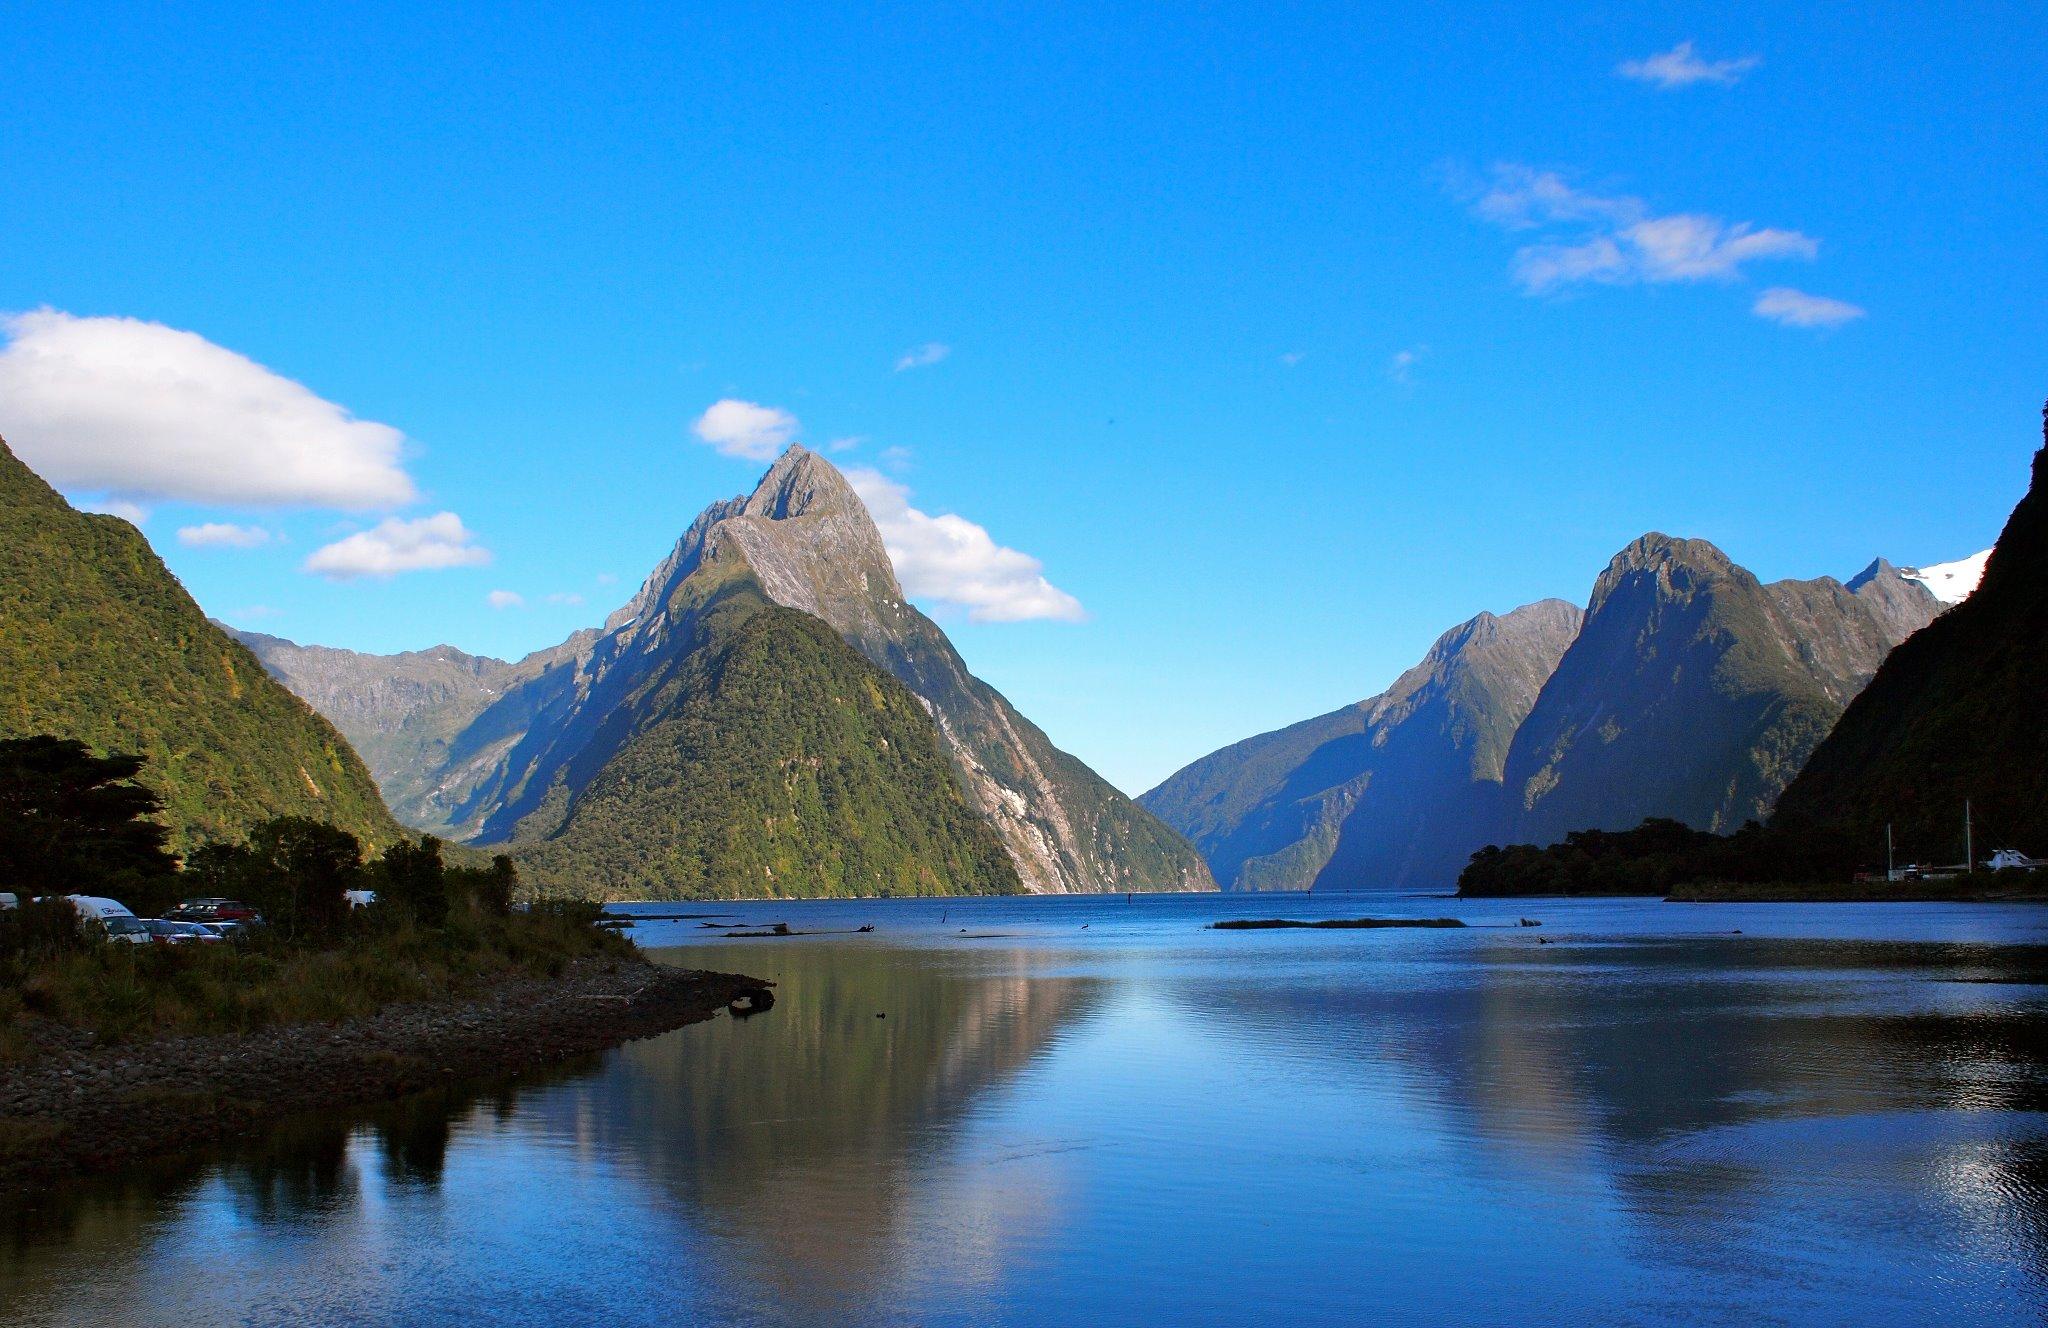 3. milford sound newzealand